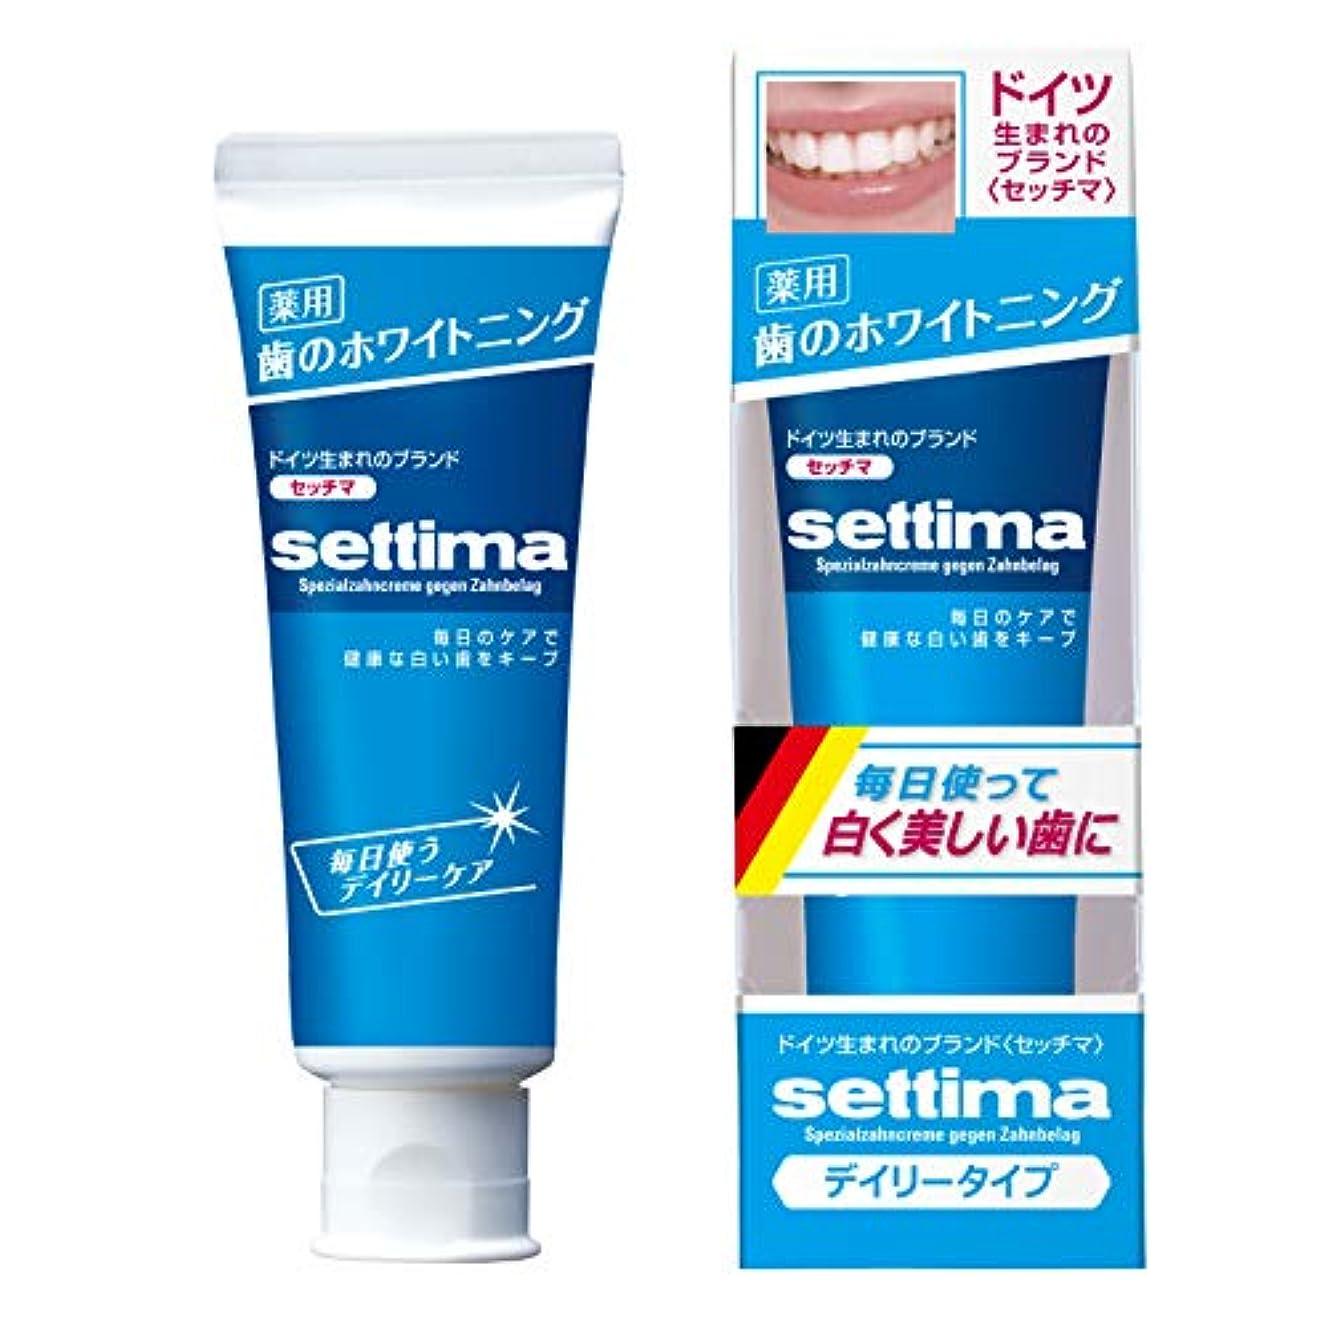 虐待クライアント過ち[医薬部外品] settima(セッチマ) ホワイトニング 歯みがき デイリーケア [ファインミントタイプ] <ステインケア タバコのヤニ取り フッ素配合 虫歯予防> 80g